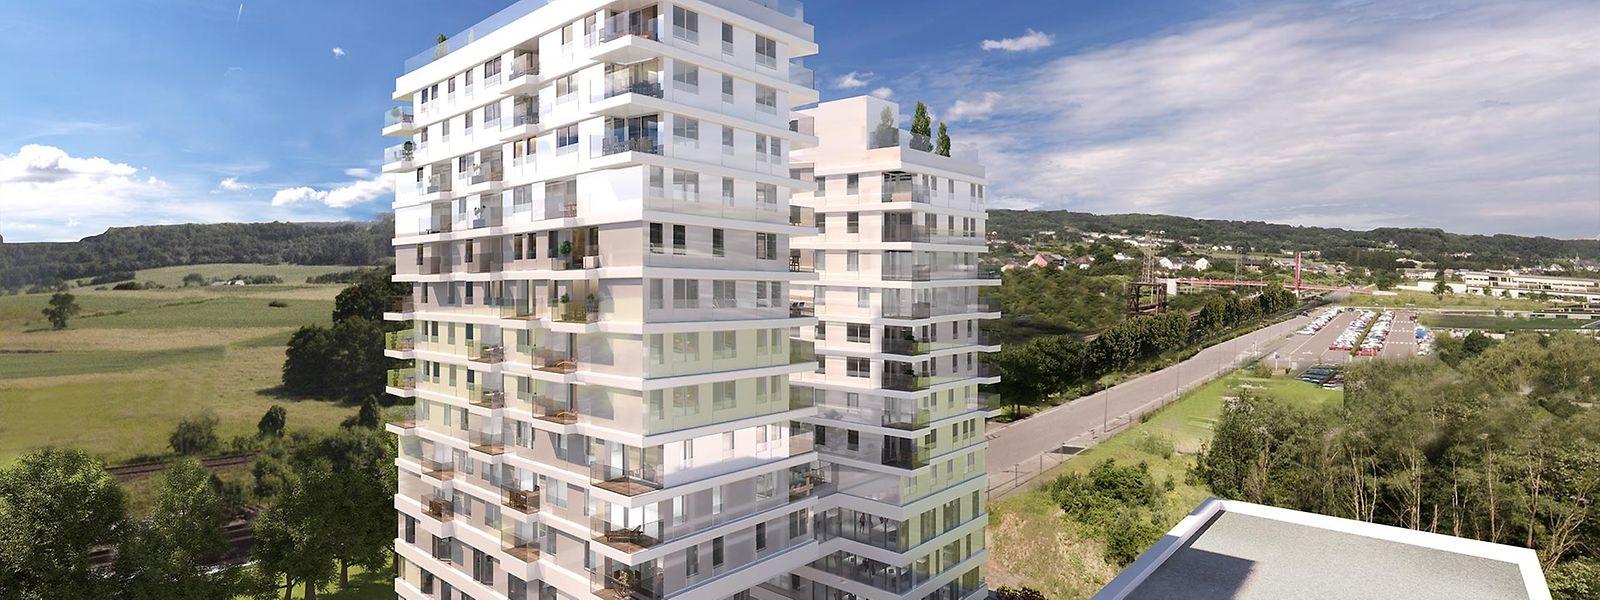 """15, respektive 13 Stockwerke wird der """"Capelli""""-Doppelturm in Belval hoch. Die vier unteren Ebenen sind für Geschäfts- und Büroflächen vorgesehen."""